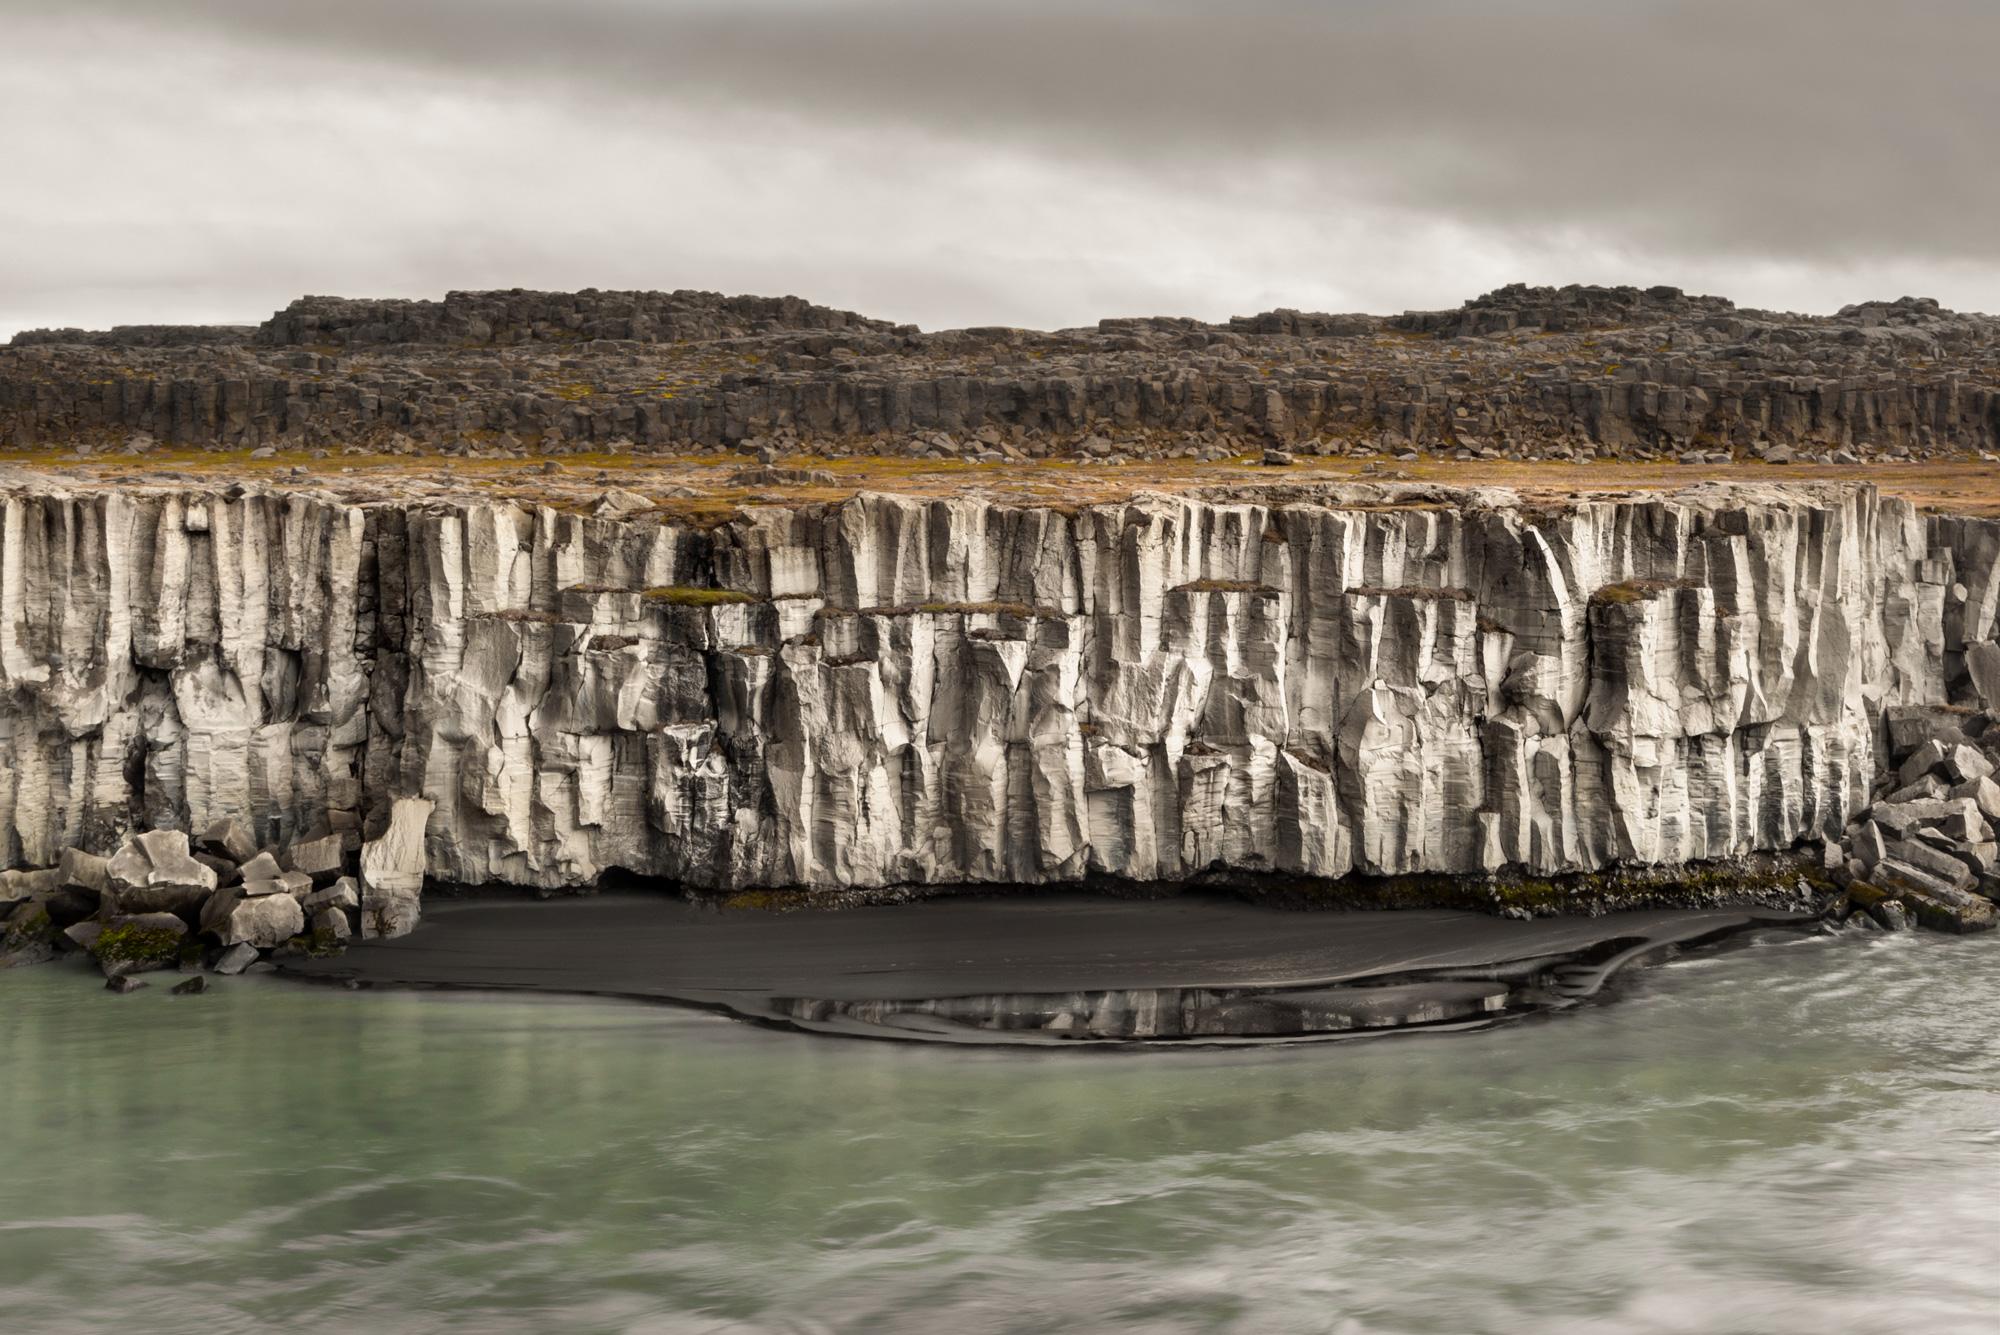 Alrededores de Godafoss   Icelandica - Godafoss Waterfall area   Icelandica - Icelandica   Dani Vottero, Travel Photography